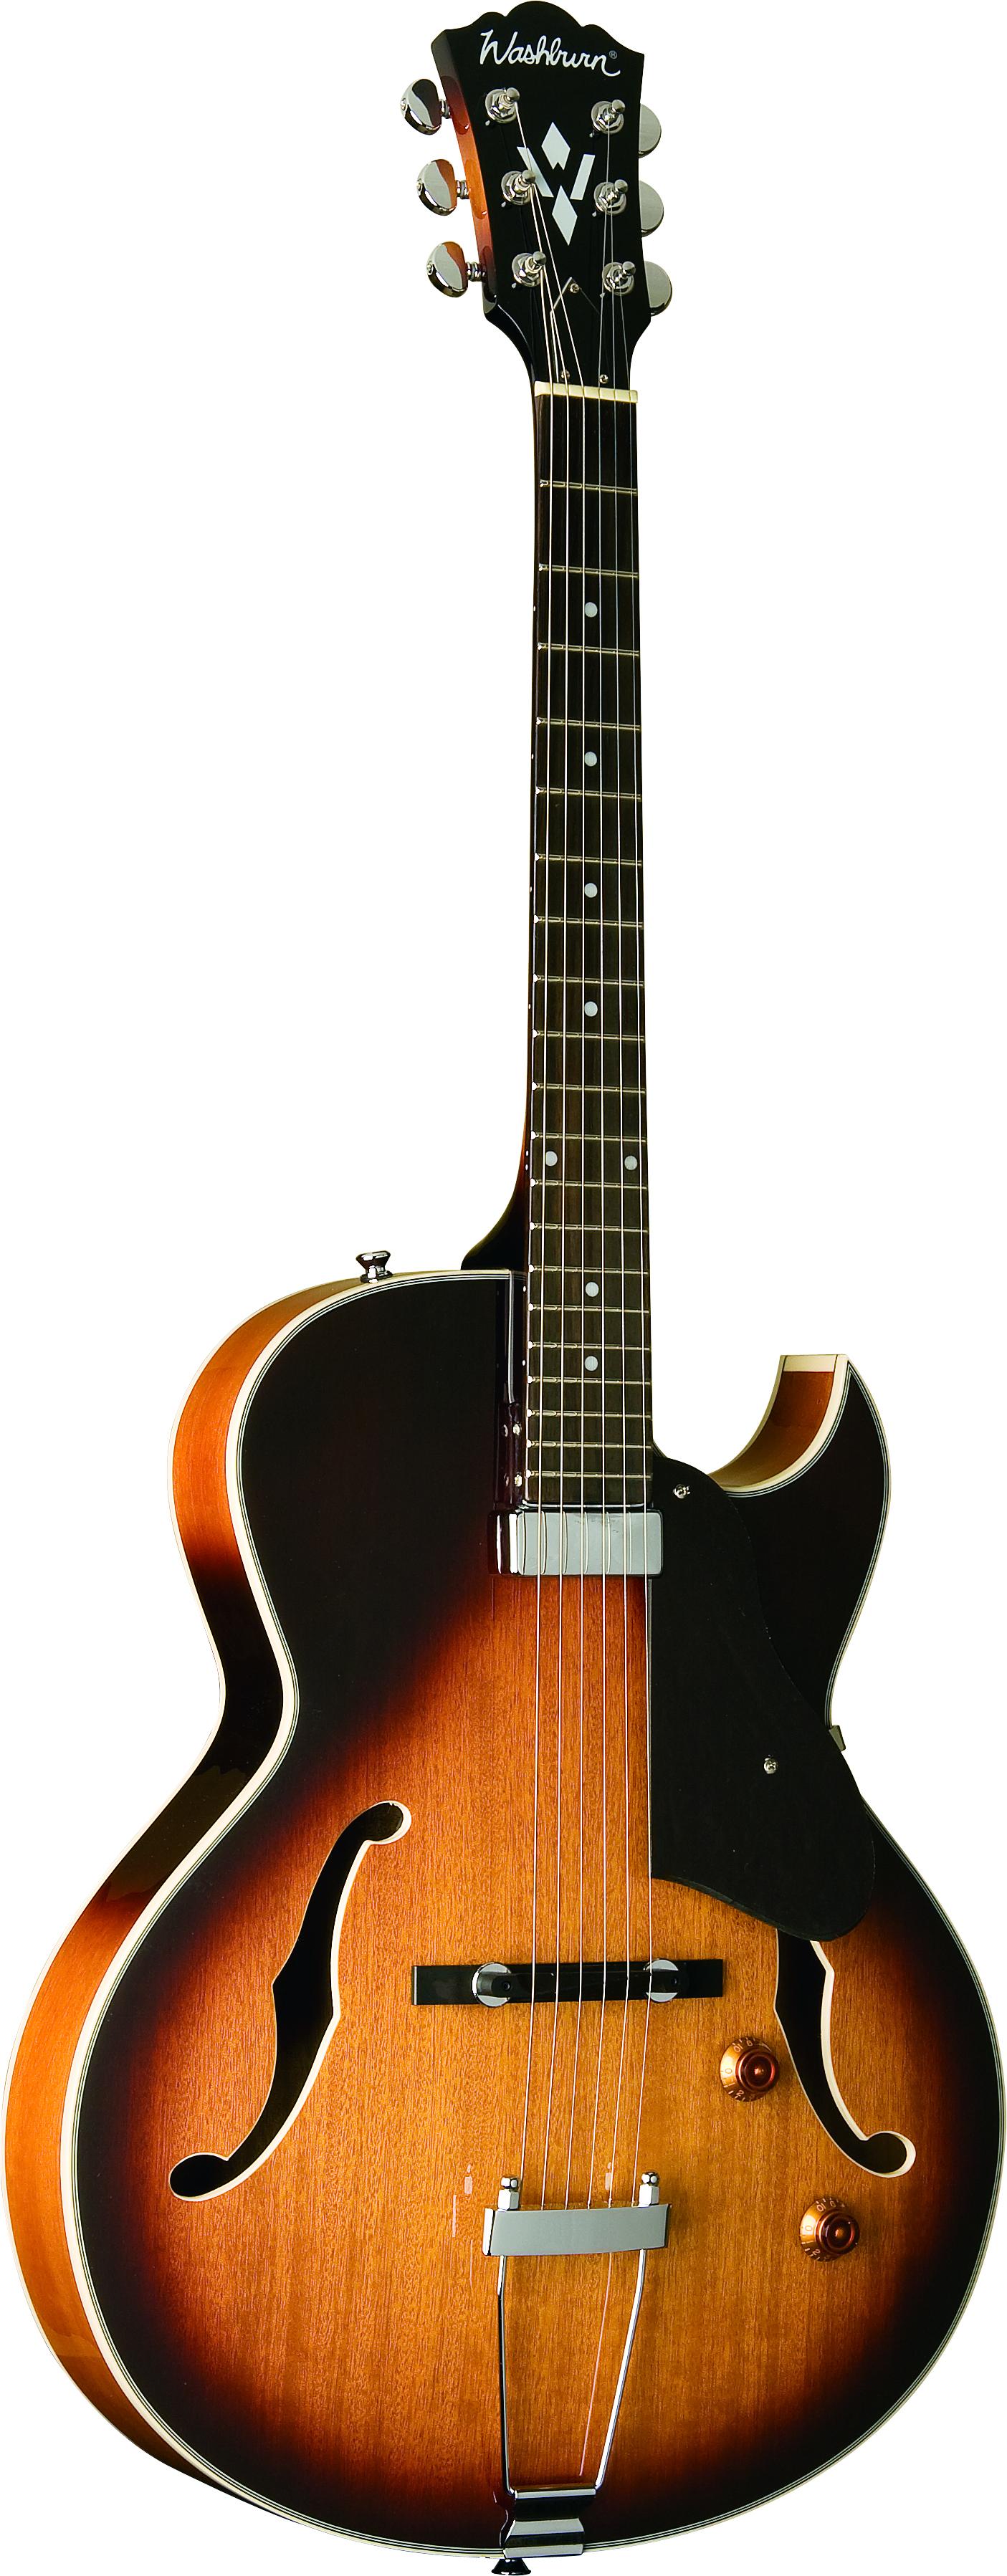 washburn hb15ctsk hollowbody electric guitar with case ebay. Black Bedroom Furniture Sets. Home Design Ideas